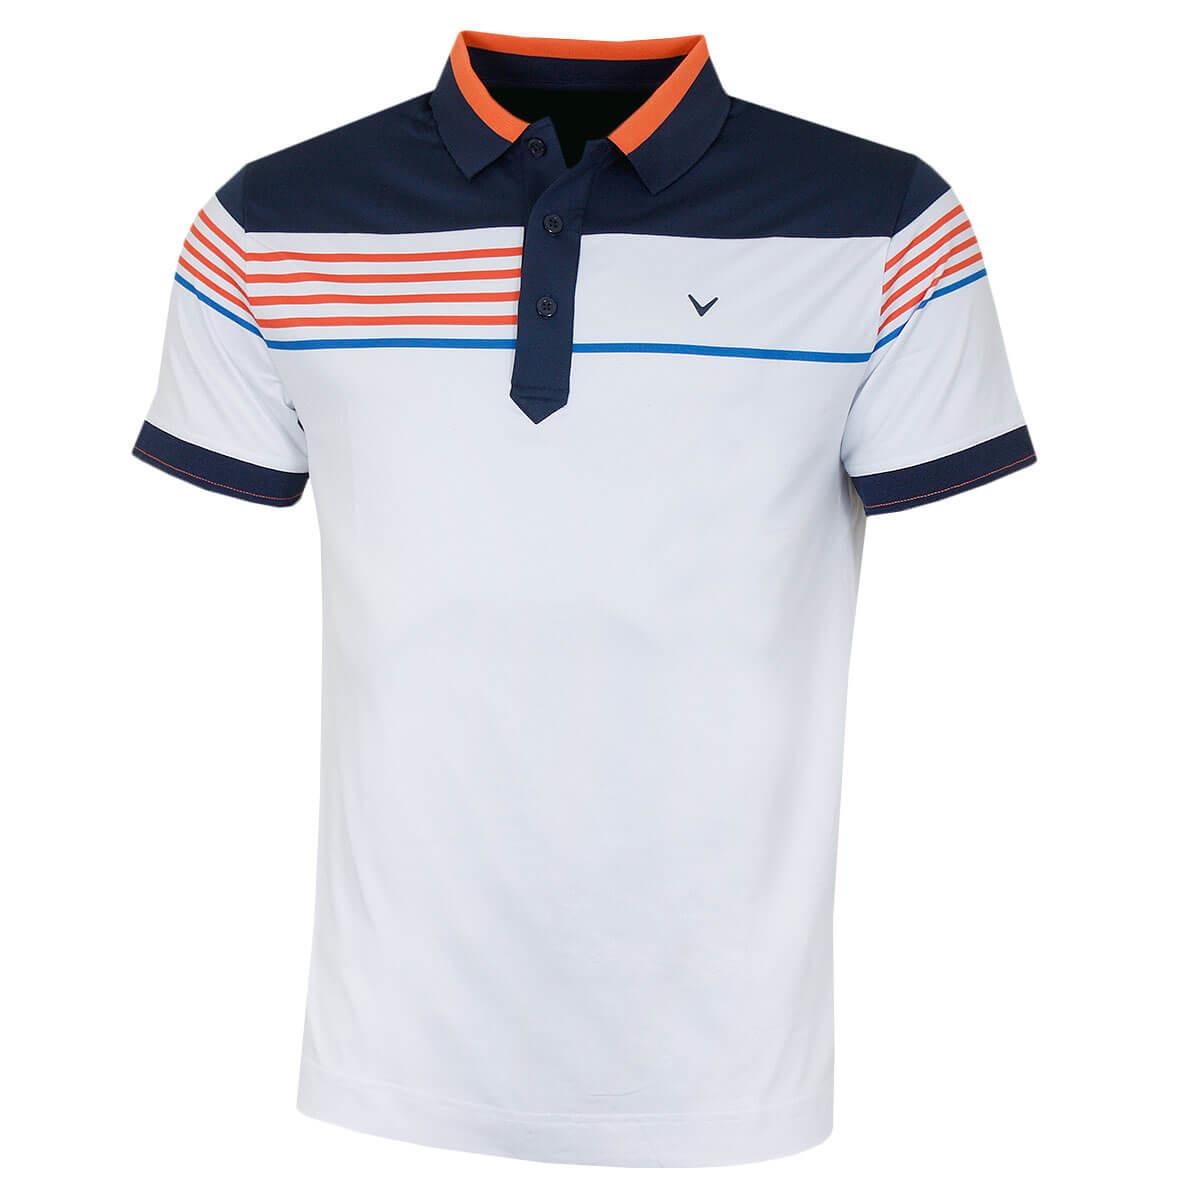 66824bc9 Callaway Mens 2019 Chest Stripe Block Golf Polo Shirt